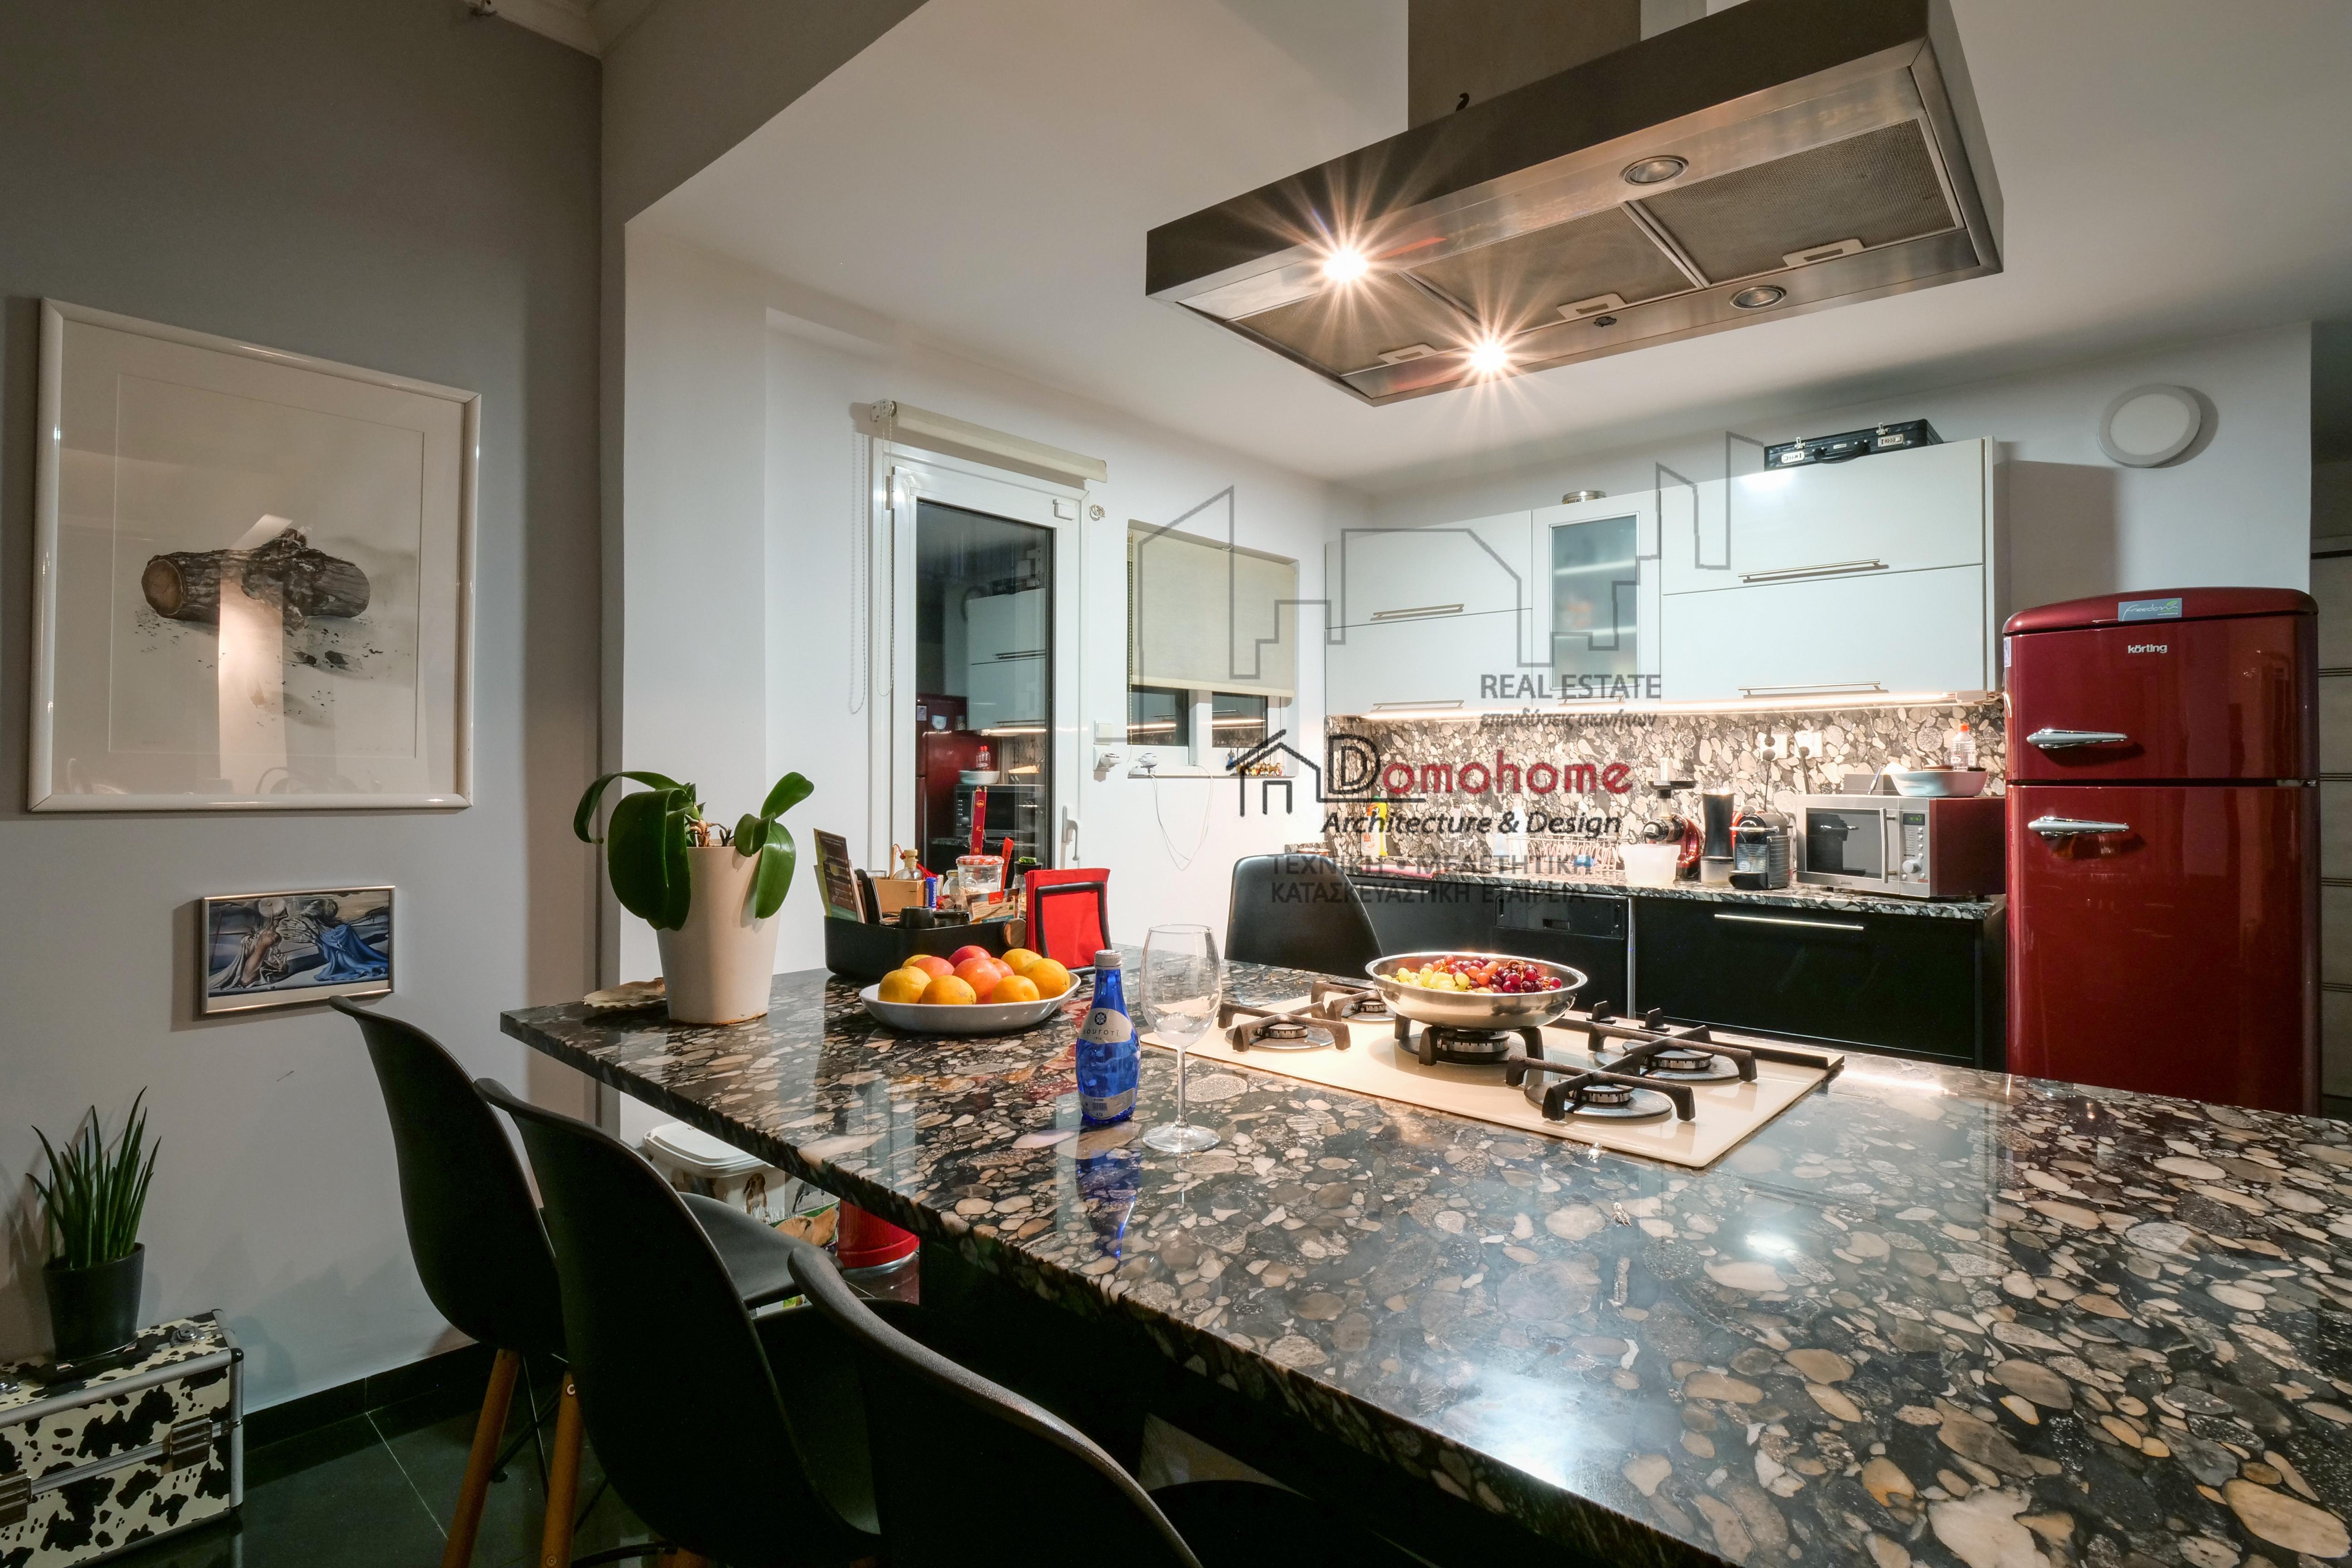 Διαμέρισμα 100τ.μ. στο Νέο Ηράκλειο